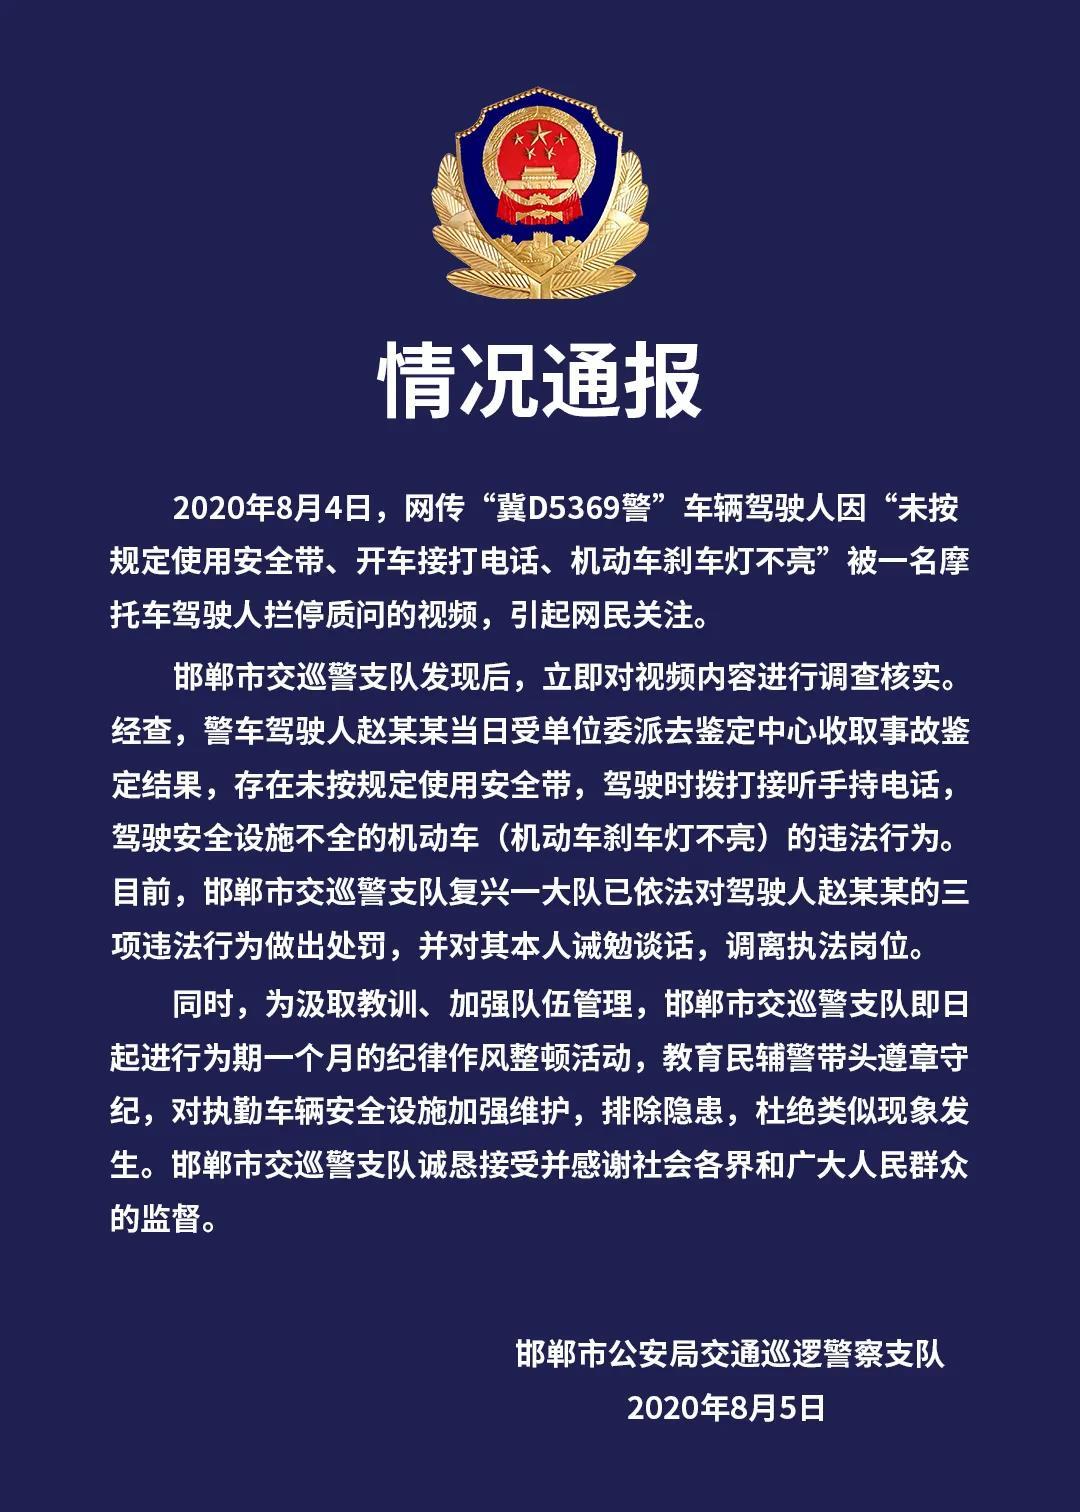 河北邯郸通报交警驾驶警车不系安全带、接打电话:调离执法岗位